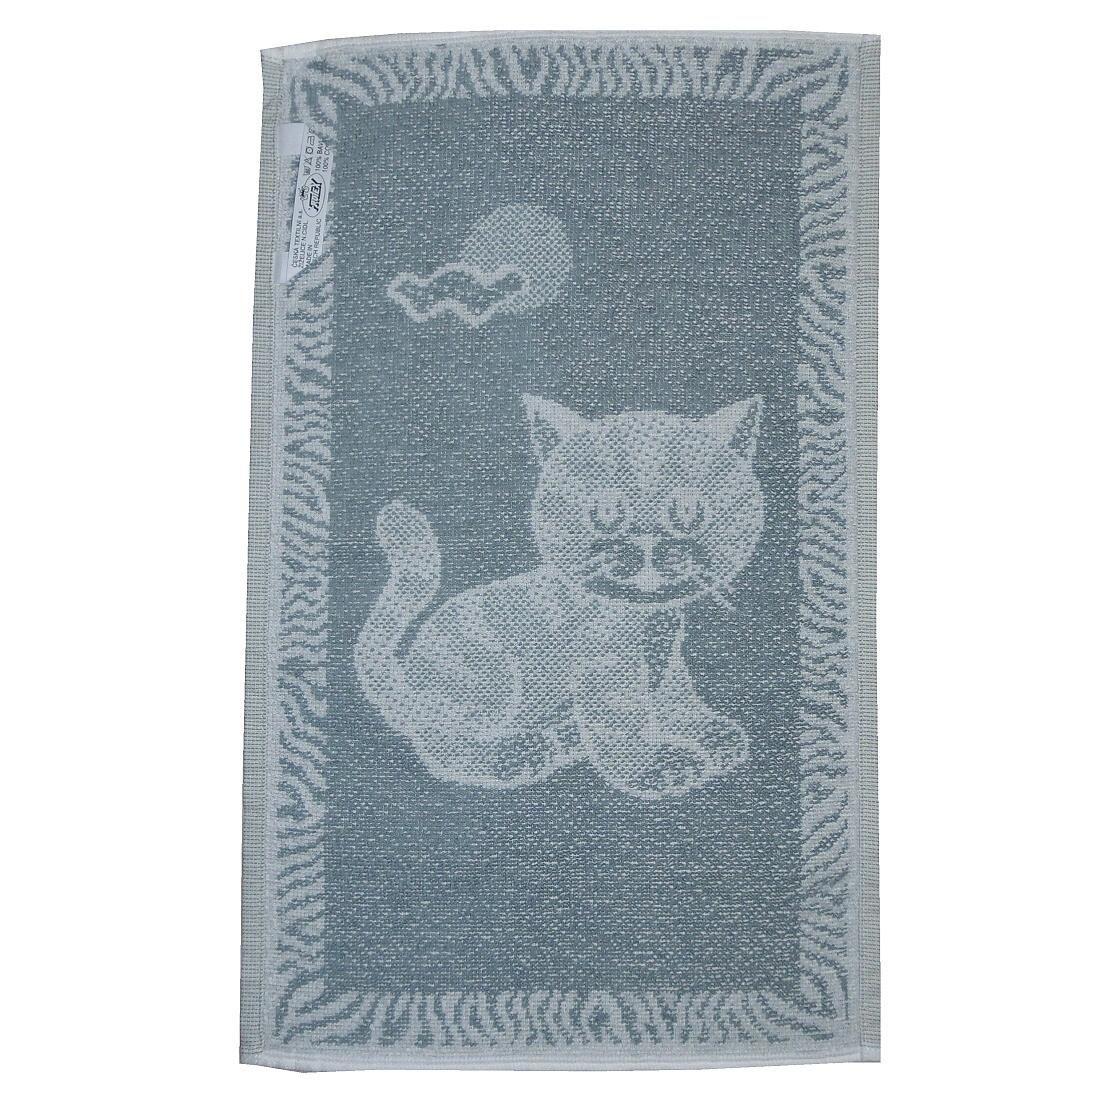 Dětský ručník kotě, kotátko, kočka šedé barvy Frotex